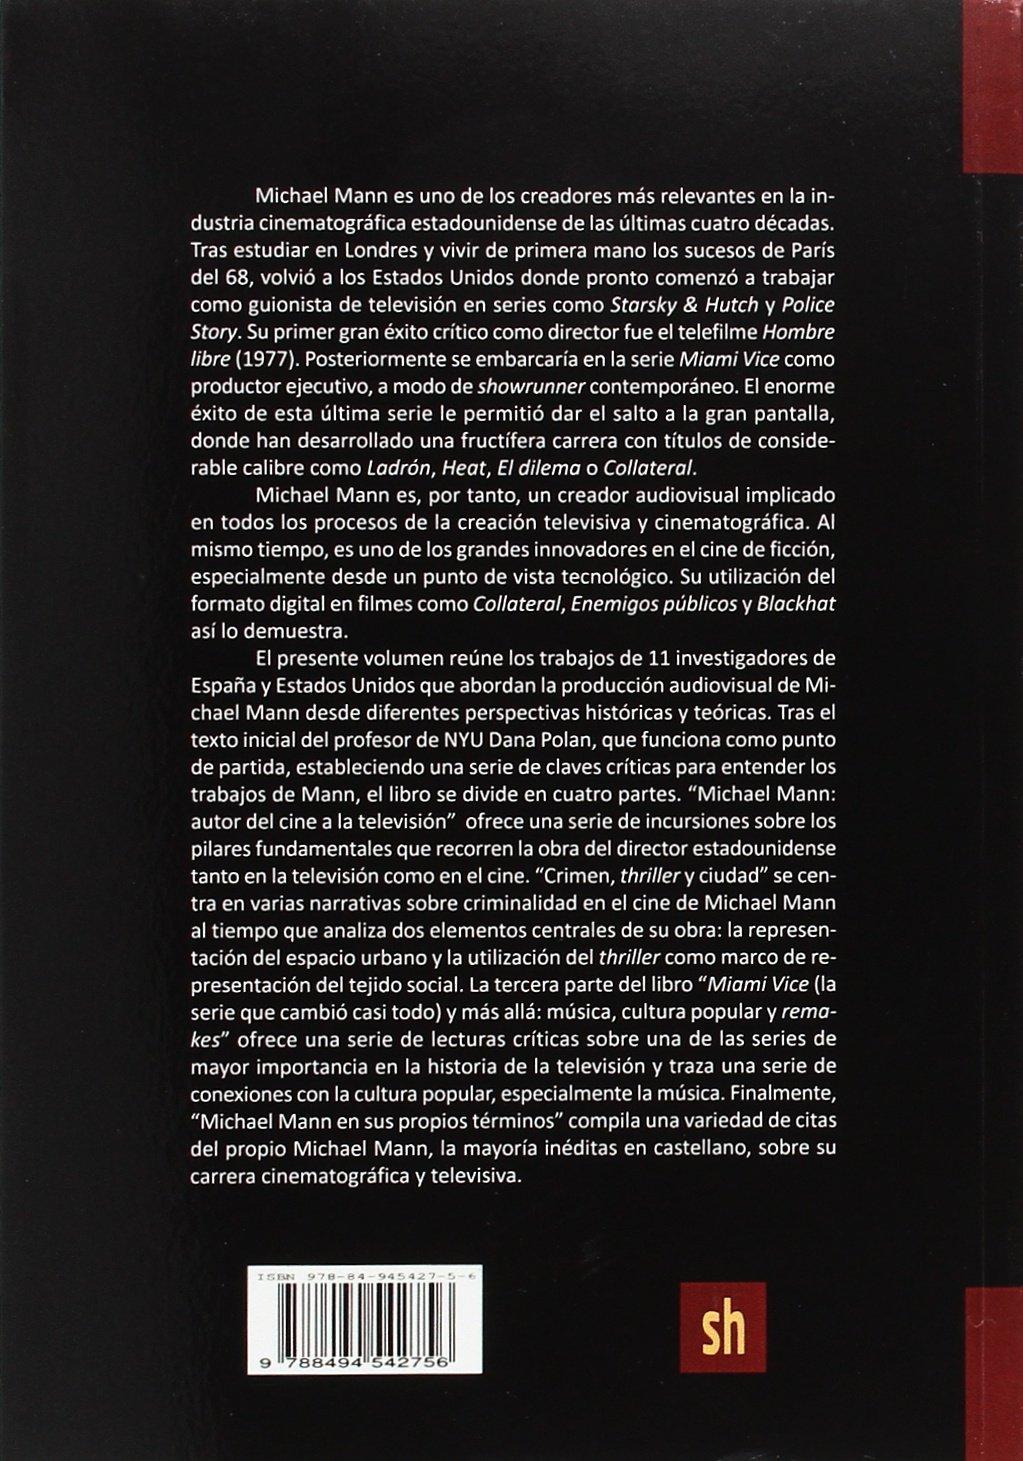 Libros sobre cine - Página 3 81NLXMA9NnL